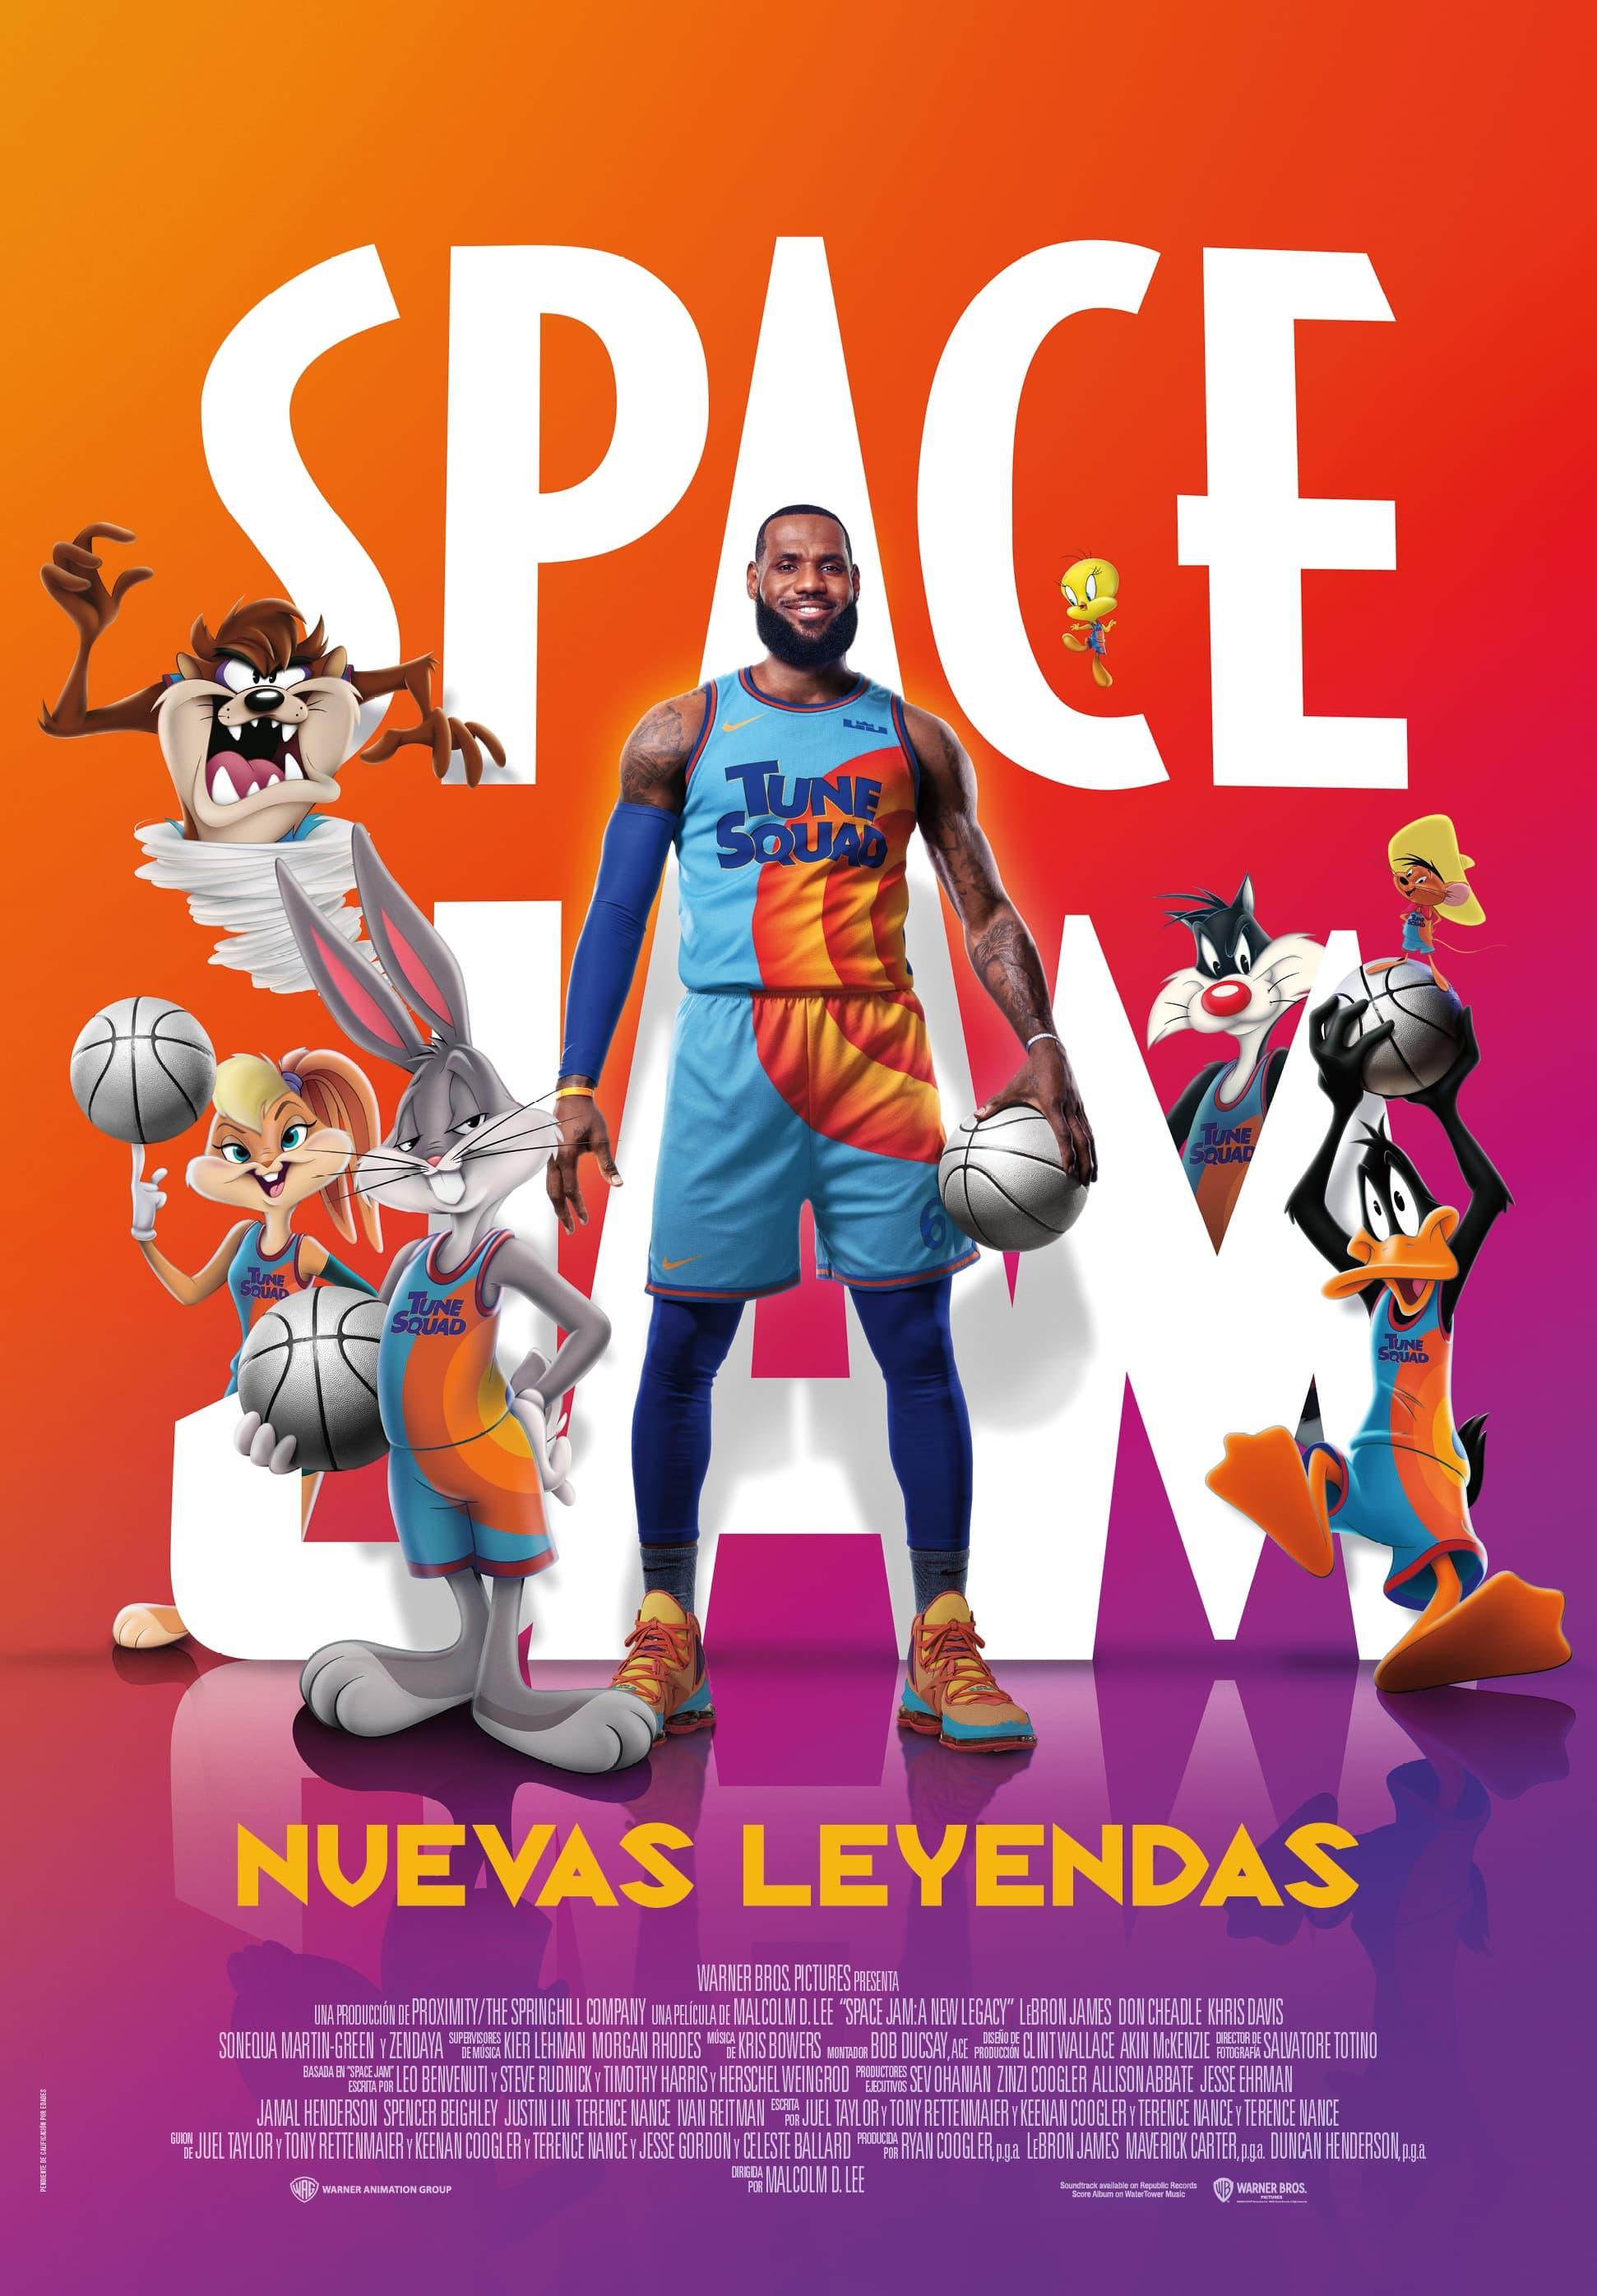 Space Jam: Nuevas leyendas poster